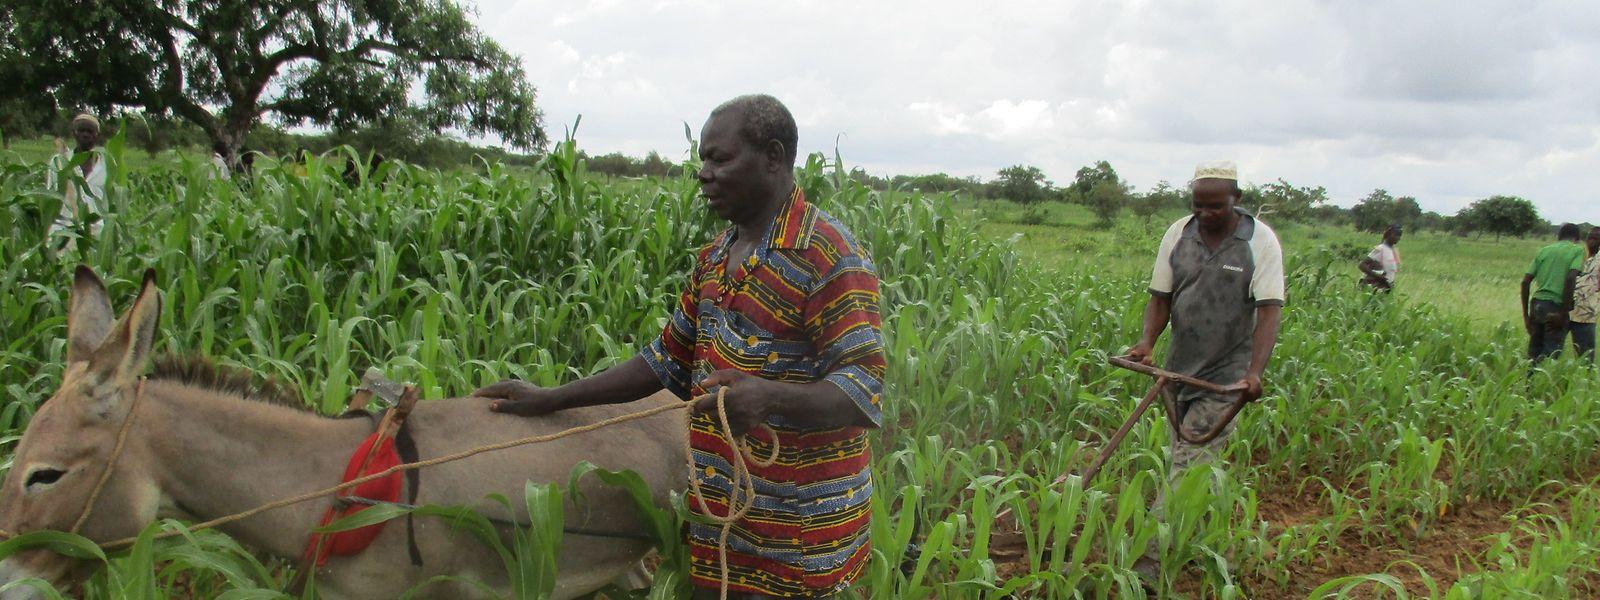 In Westafrika, wie hier in Burkina Faso, lebt ein großer Teil der Bevölkerung von der Landwirtschaft. Wegen Corona haben die Bauern aber derzeit keinen Zugang zu ihren Feldern.